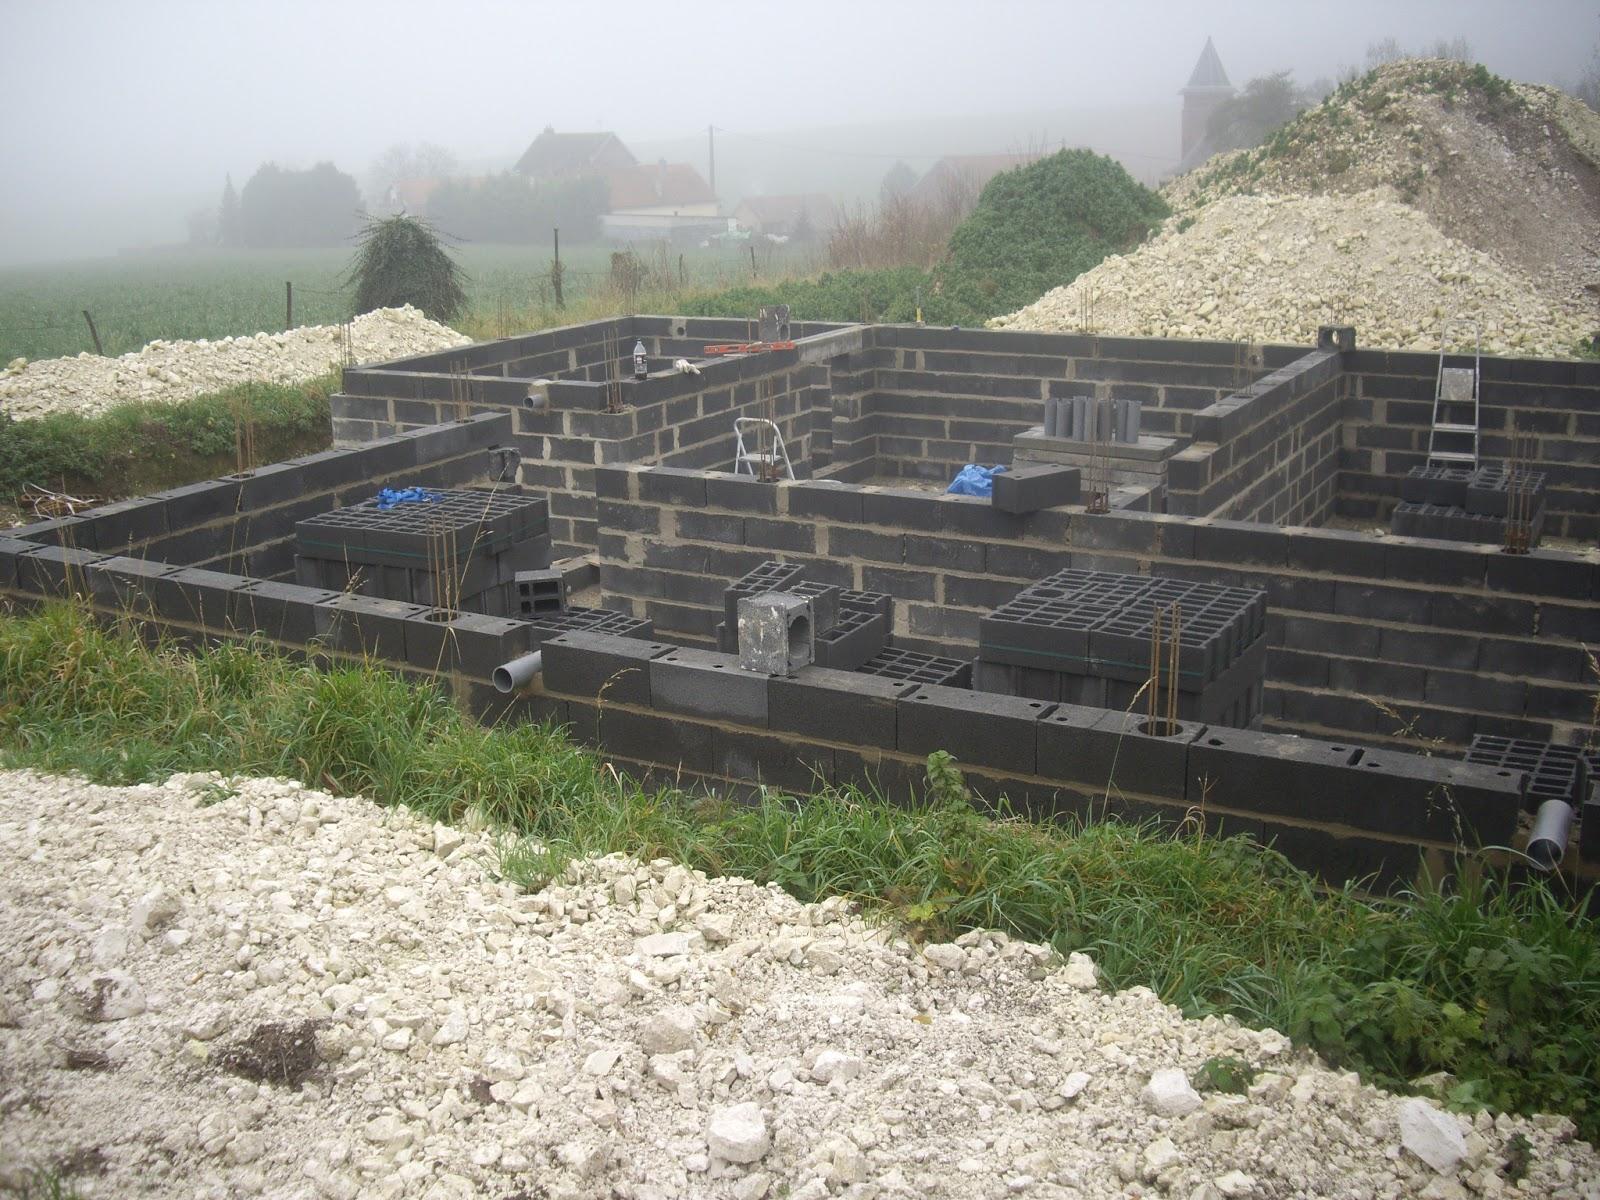 Notre auto construction passive maison ossature bois m o b a ration du vide sanitaire - Grille ventilation vide sanitaire ...